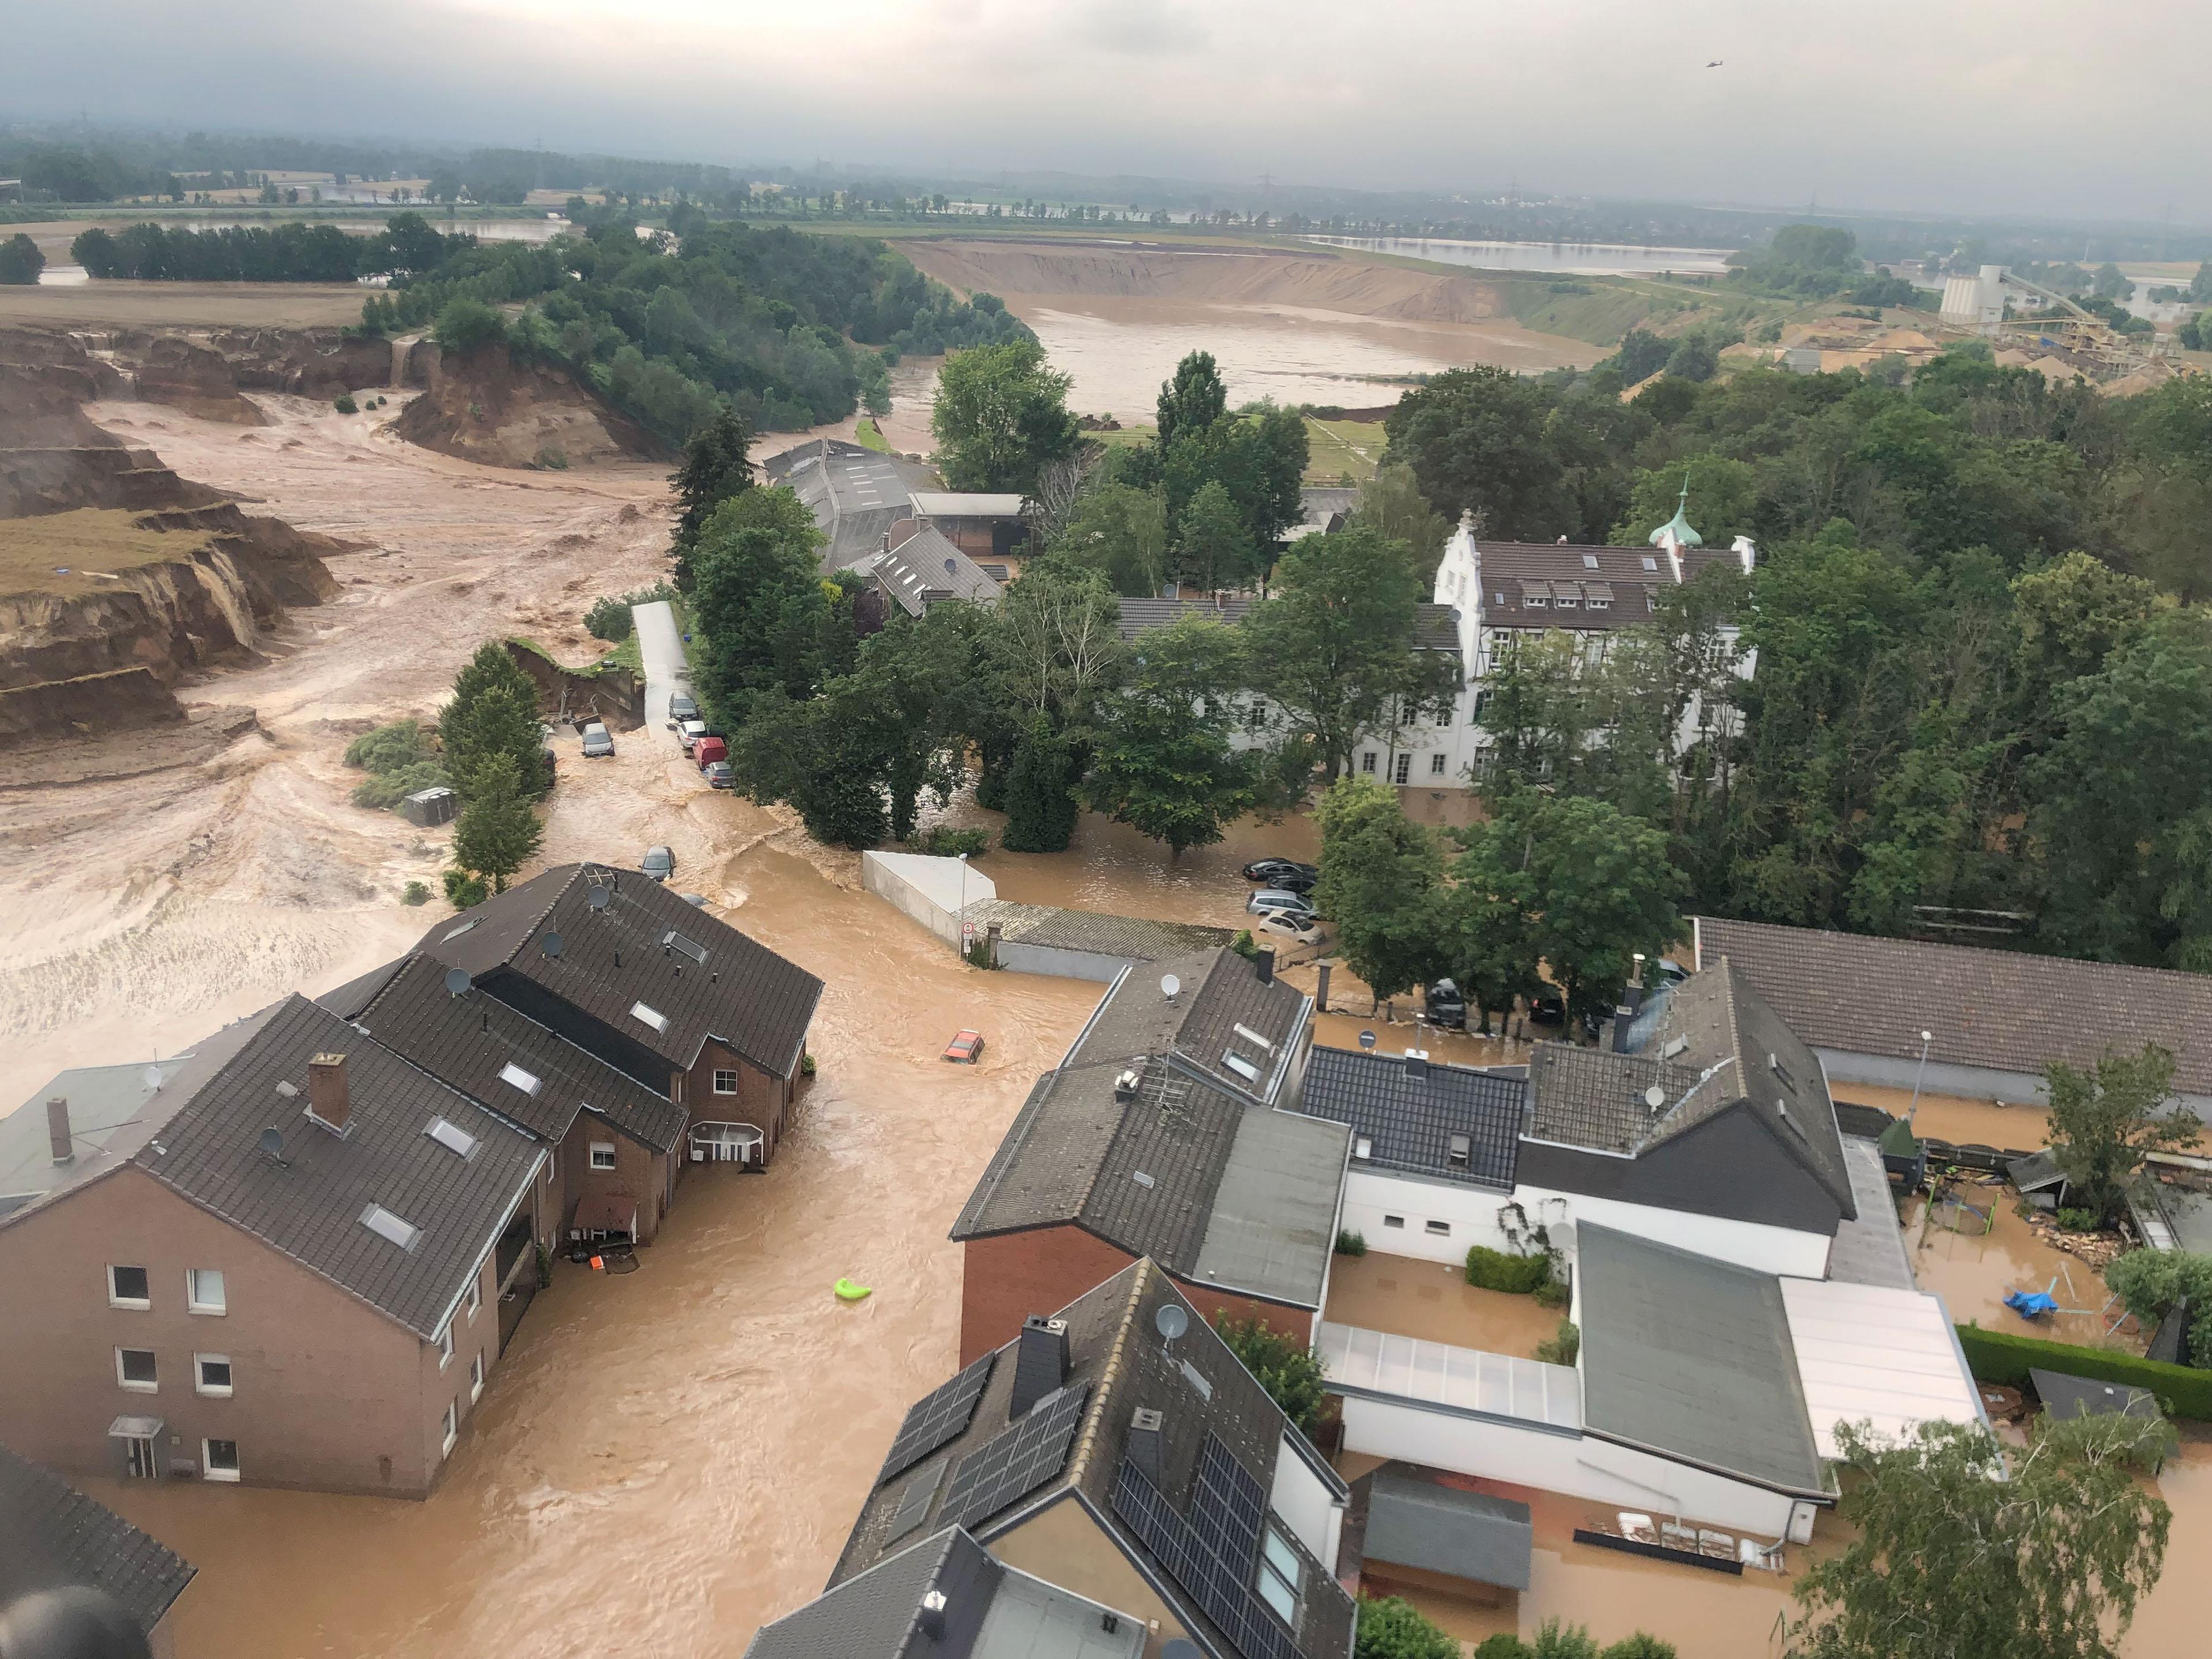 Intempéries en Allemagne : Plusieurs morts et disparus dans un énorme glissement de terrain